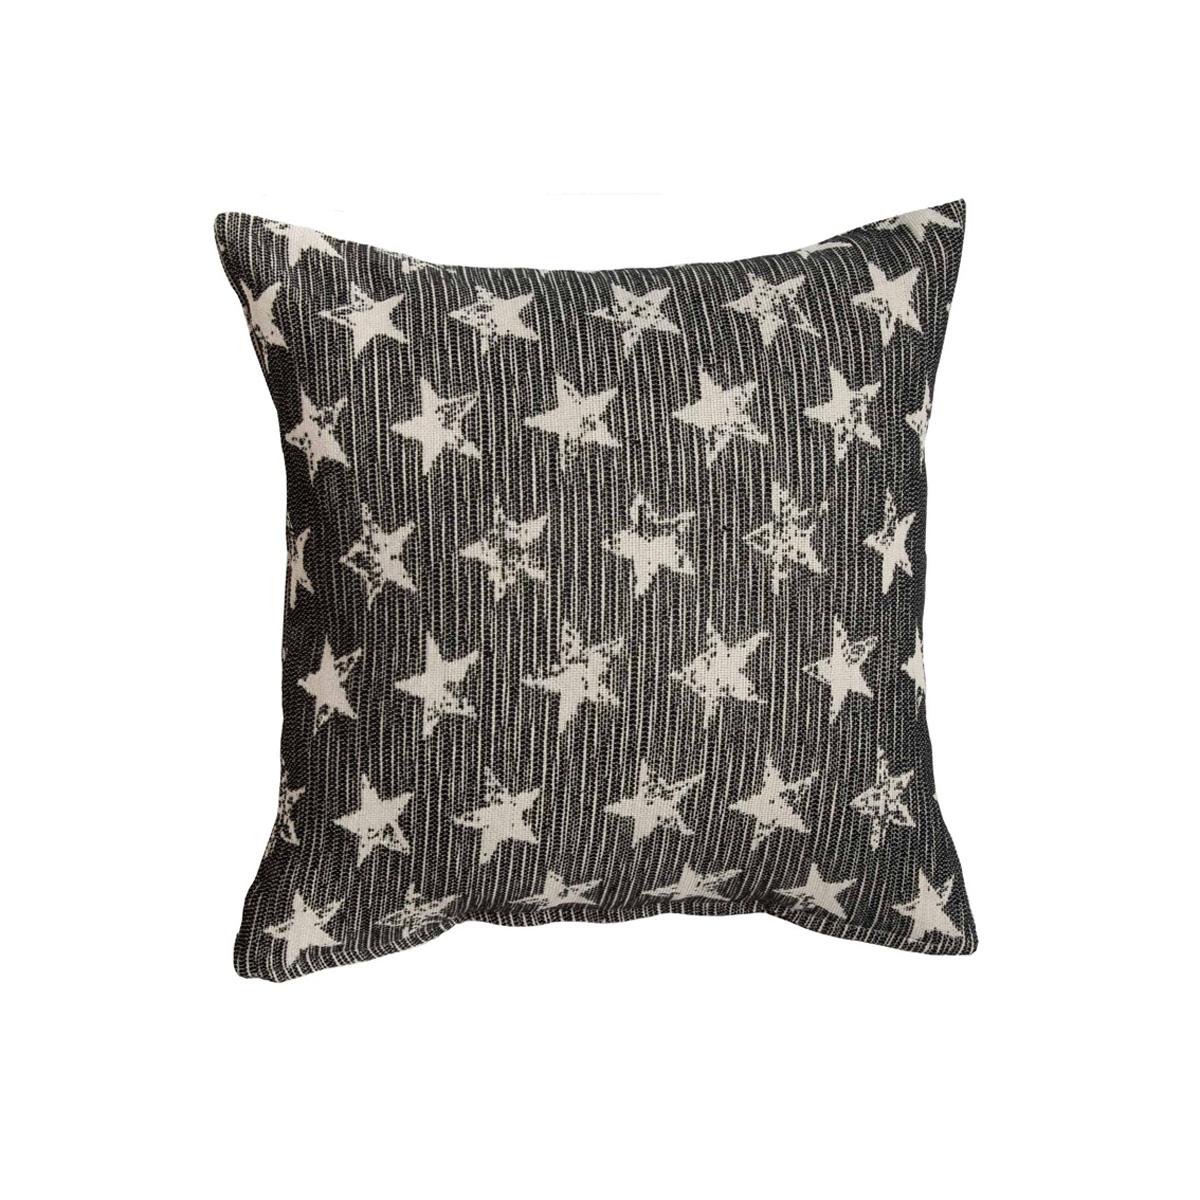 Διακοσμητική Μαξιλαροθήκη (40x40) Loom To Room Starlight Black